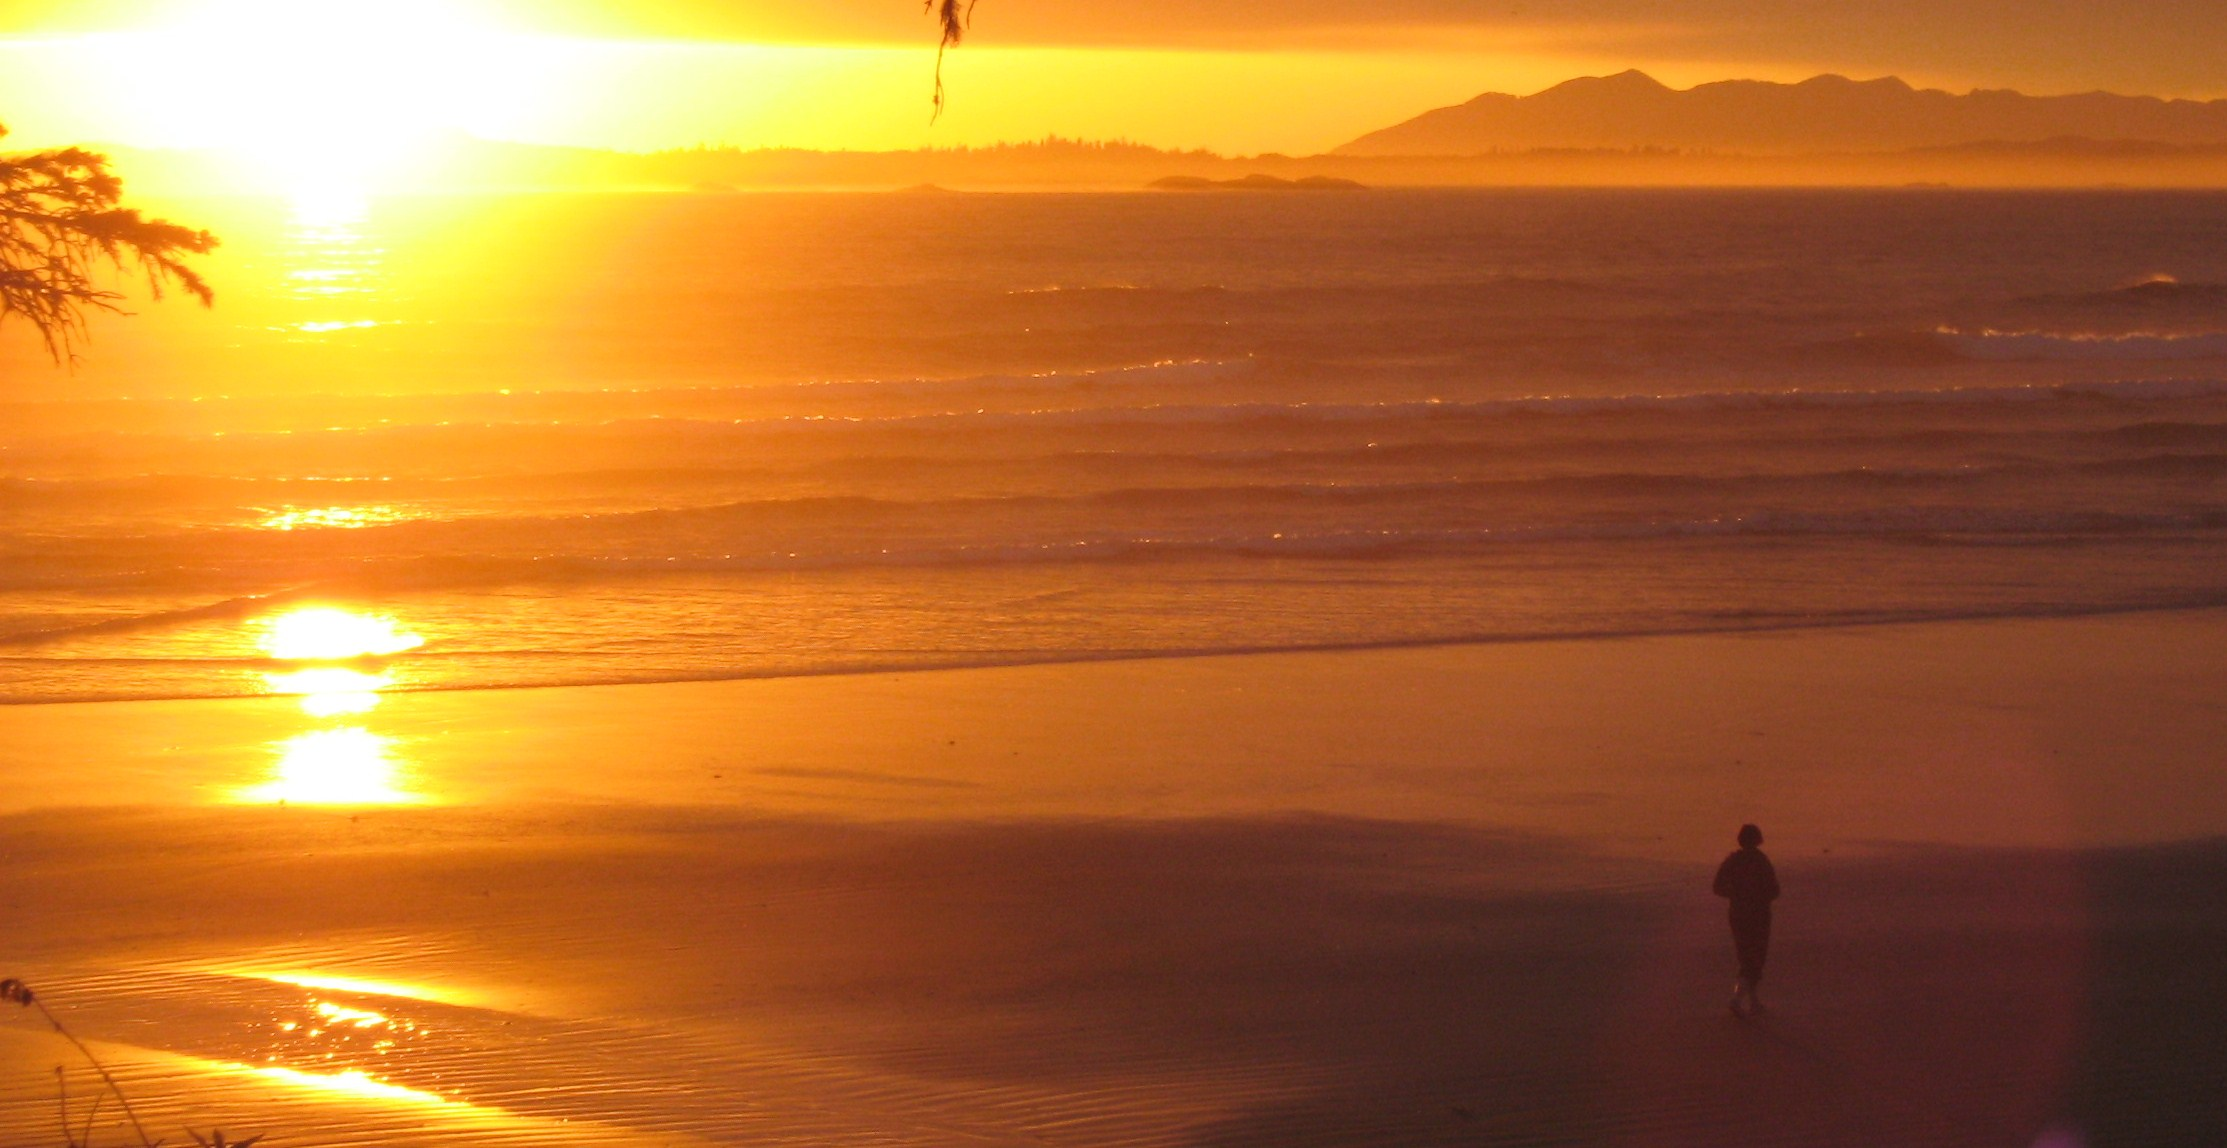 011 sunset tbl 17.JPG